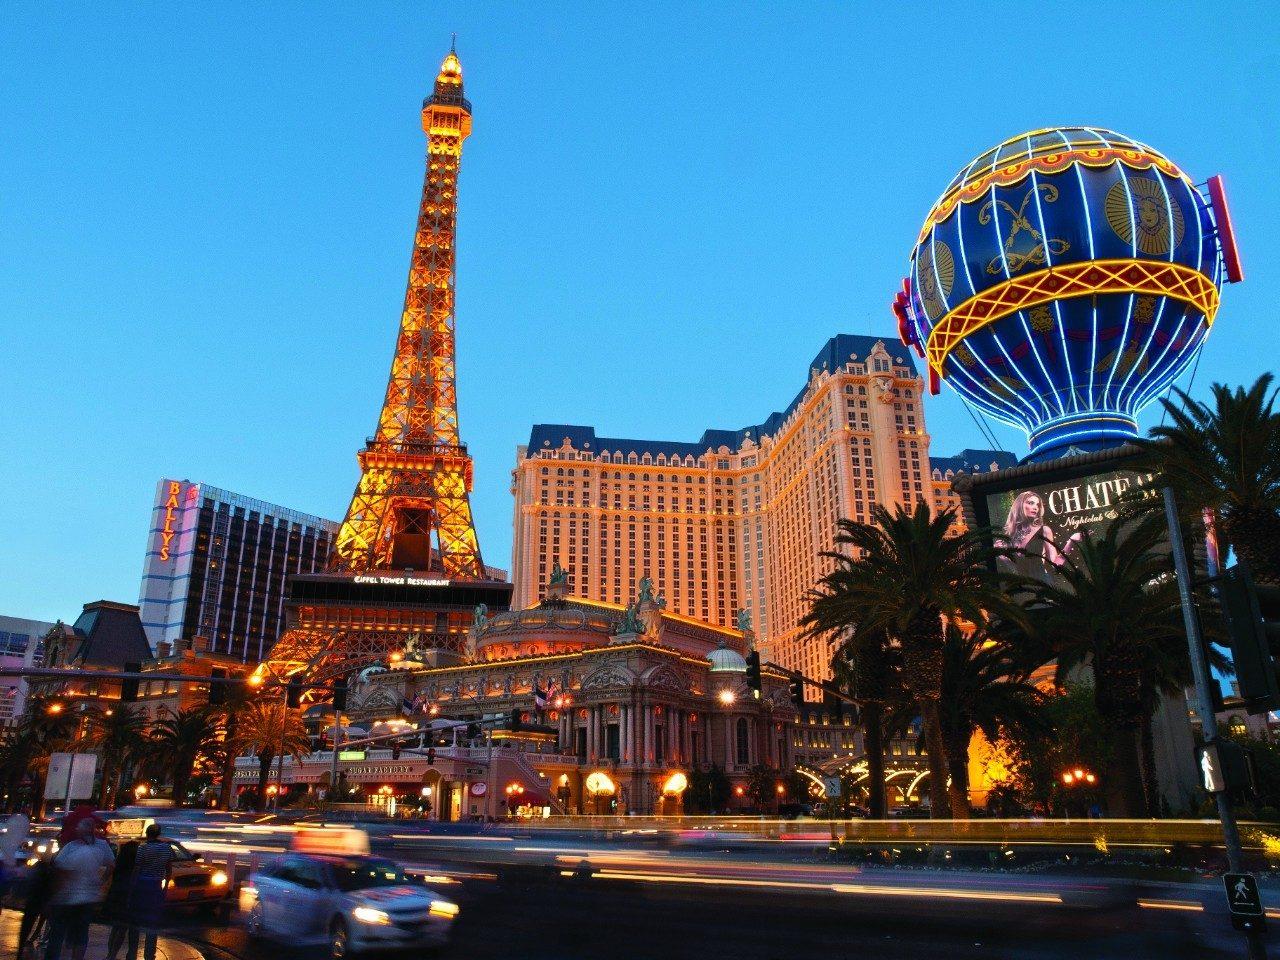 Caesars Entertainment | Paris Hotel & Casino (2020)